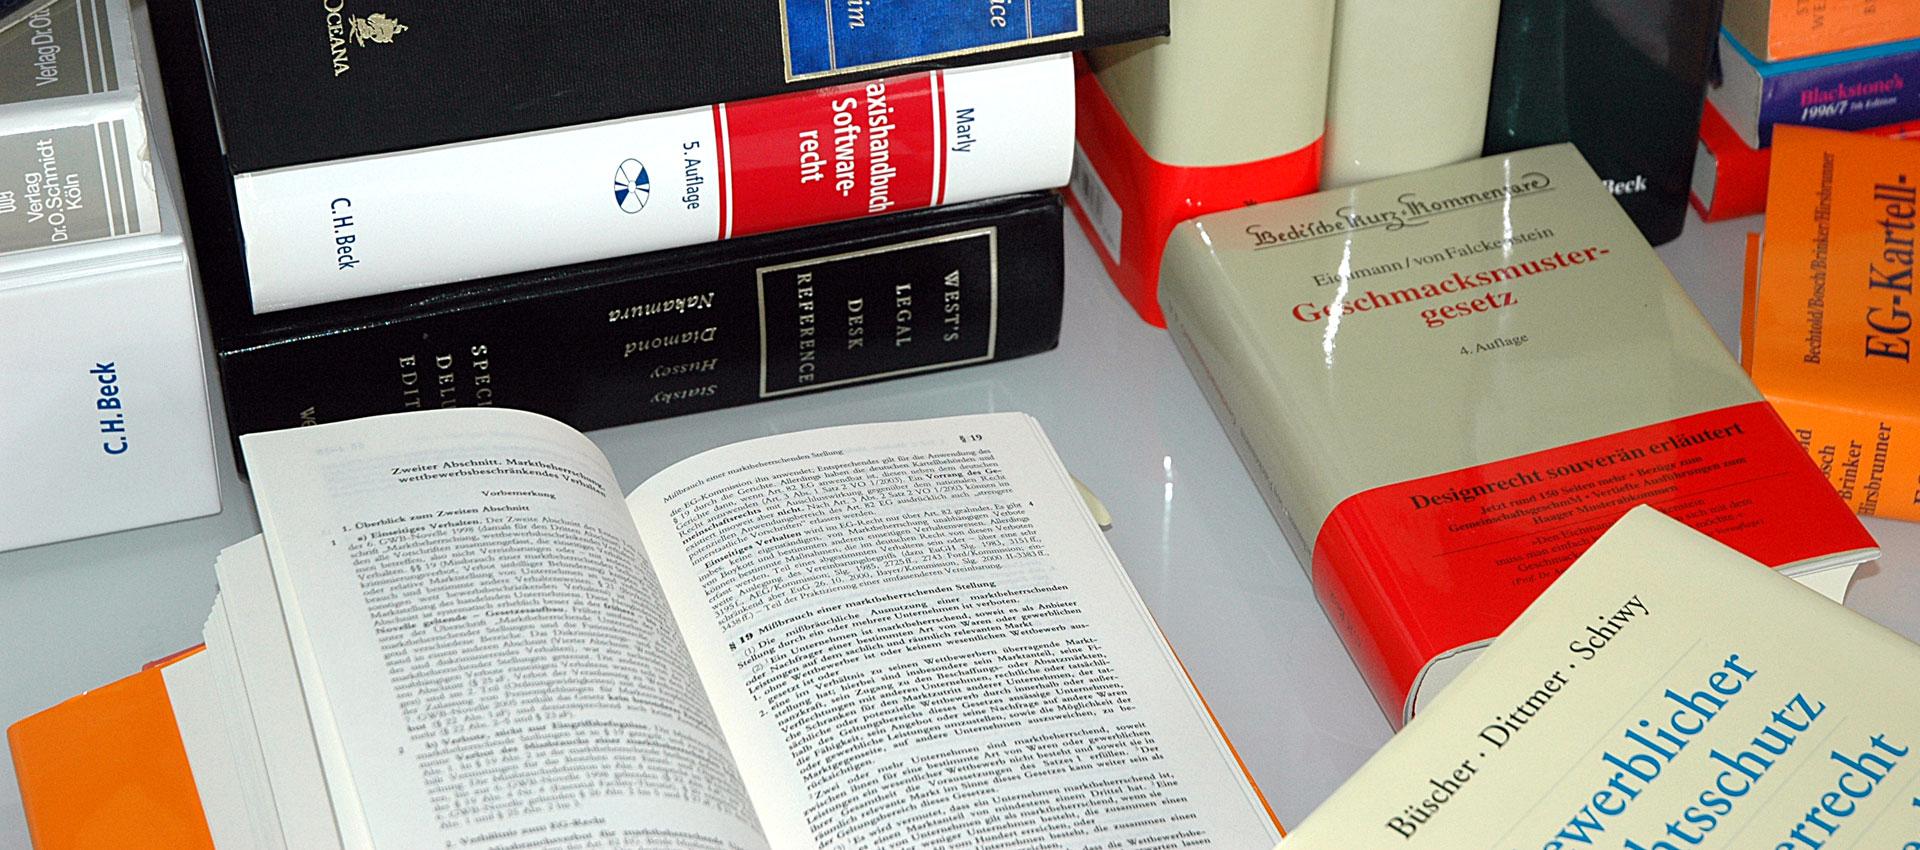 Kanzlei für Vergaberecht - horak. Rechtsanwälte Hannover - Wir sind Rechtsanwälte/ Fachanwälte/ Patentanwälte für das Gebiet des Vergaberechts.